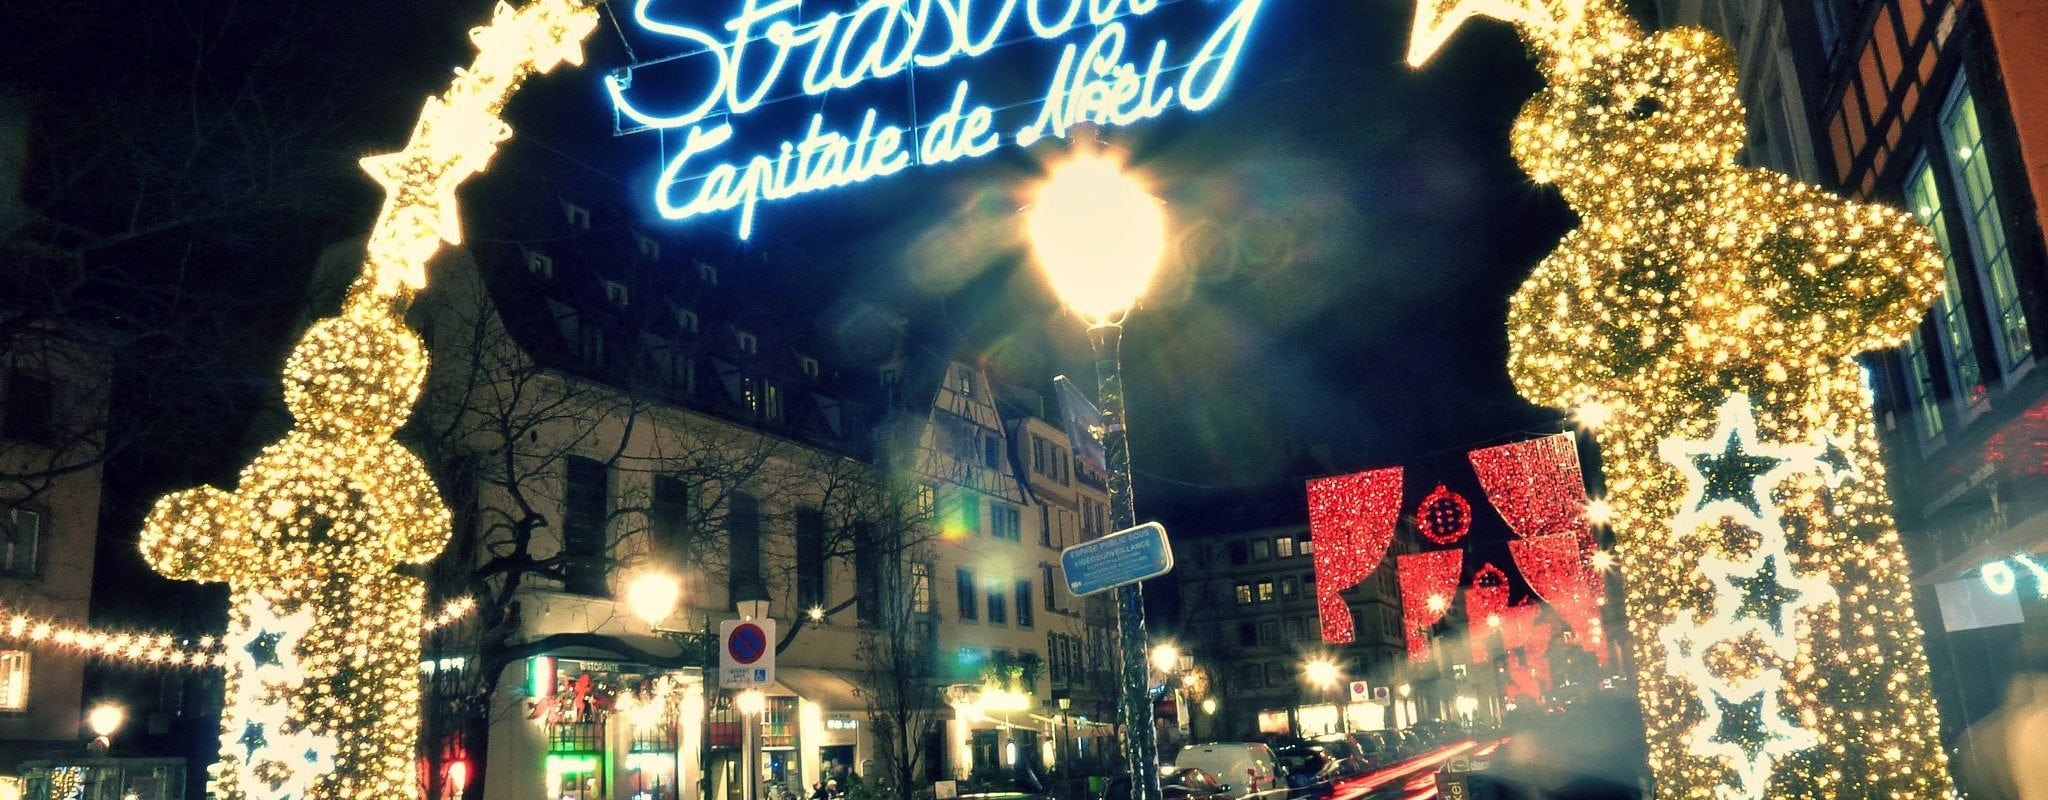 Quelle place pour le Marché de Noël à Strasbourg? Revoir le débat